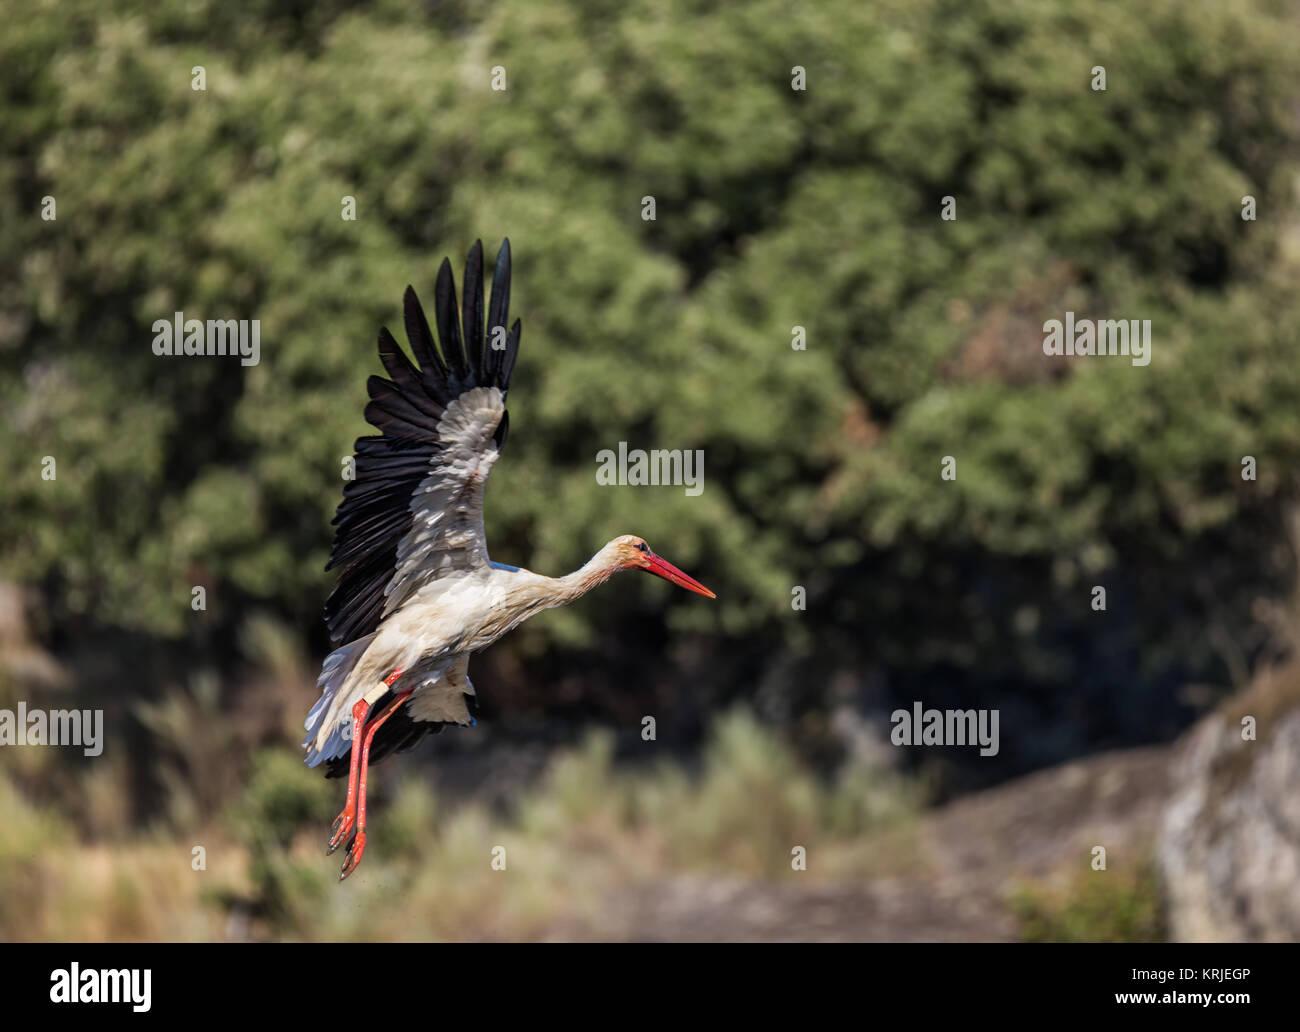 Stork fotografiados en su entorno natural. Imagen De Stock